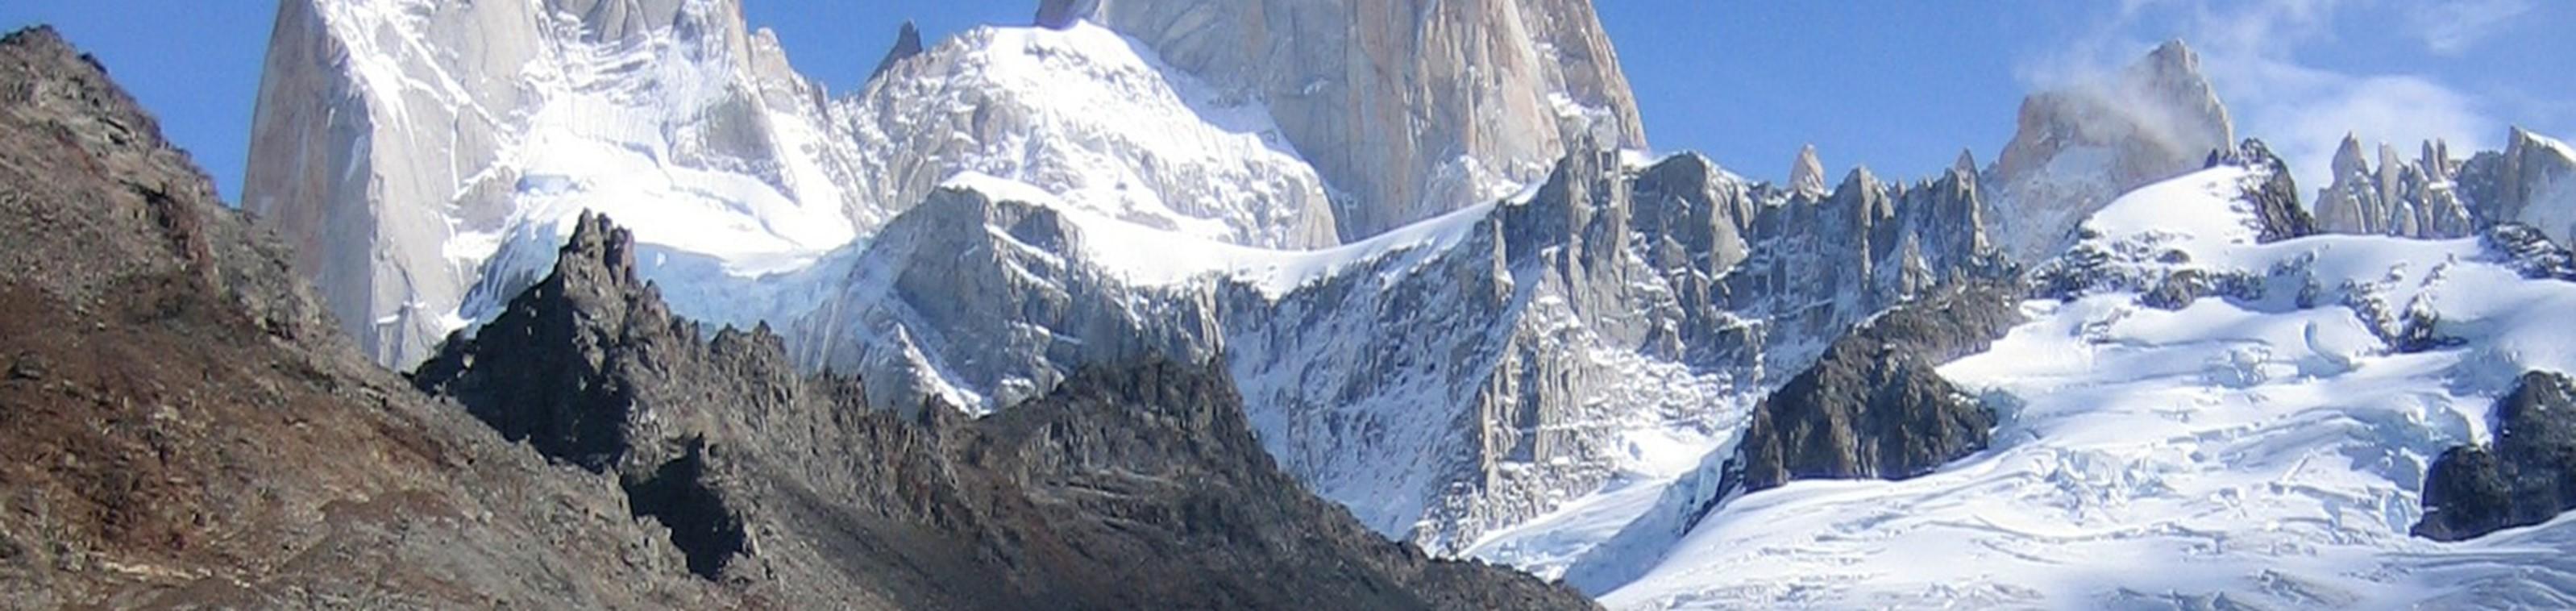 Argentinië en Chili, Patagonië en cruise naar Vuurland